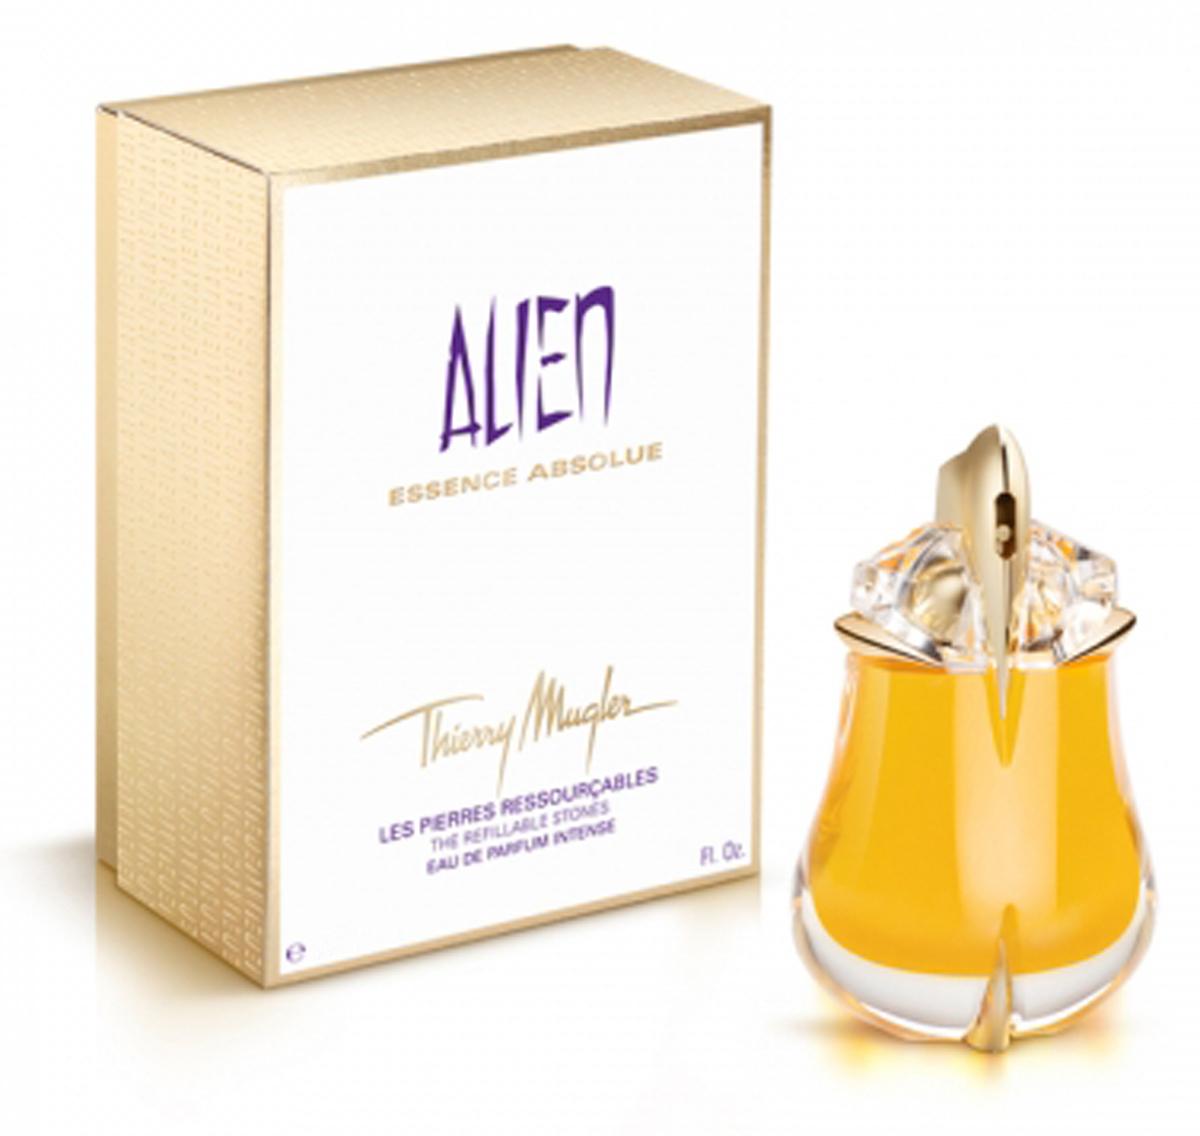 Thierry Mugler Парфюмированная вода Alien Essence Absolue, женская, 30 мл1301210Ароматические, цветочные. Кашемировое дерево, амбра, ваниль, мирт, фимиам, жасмин.